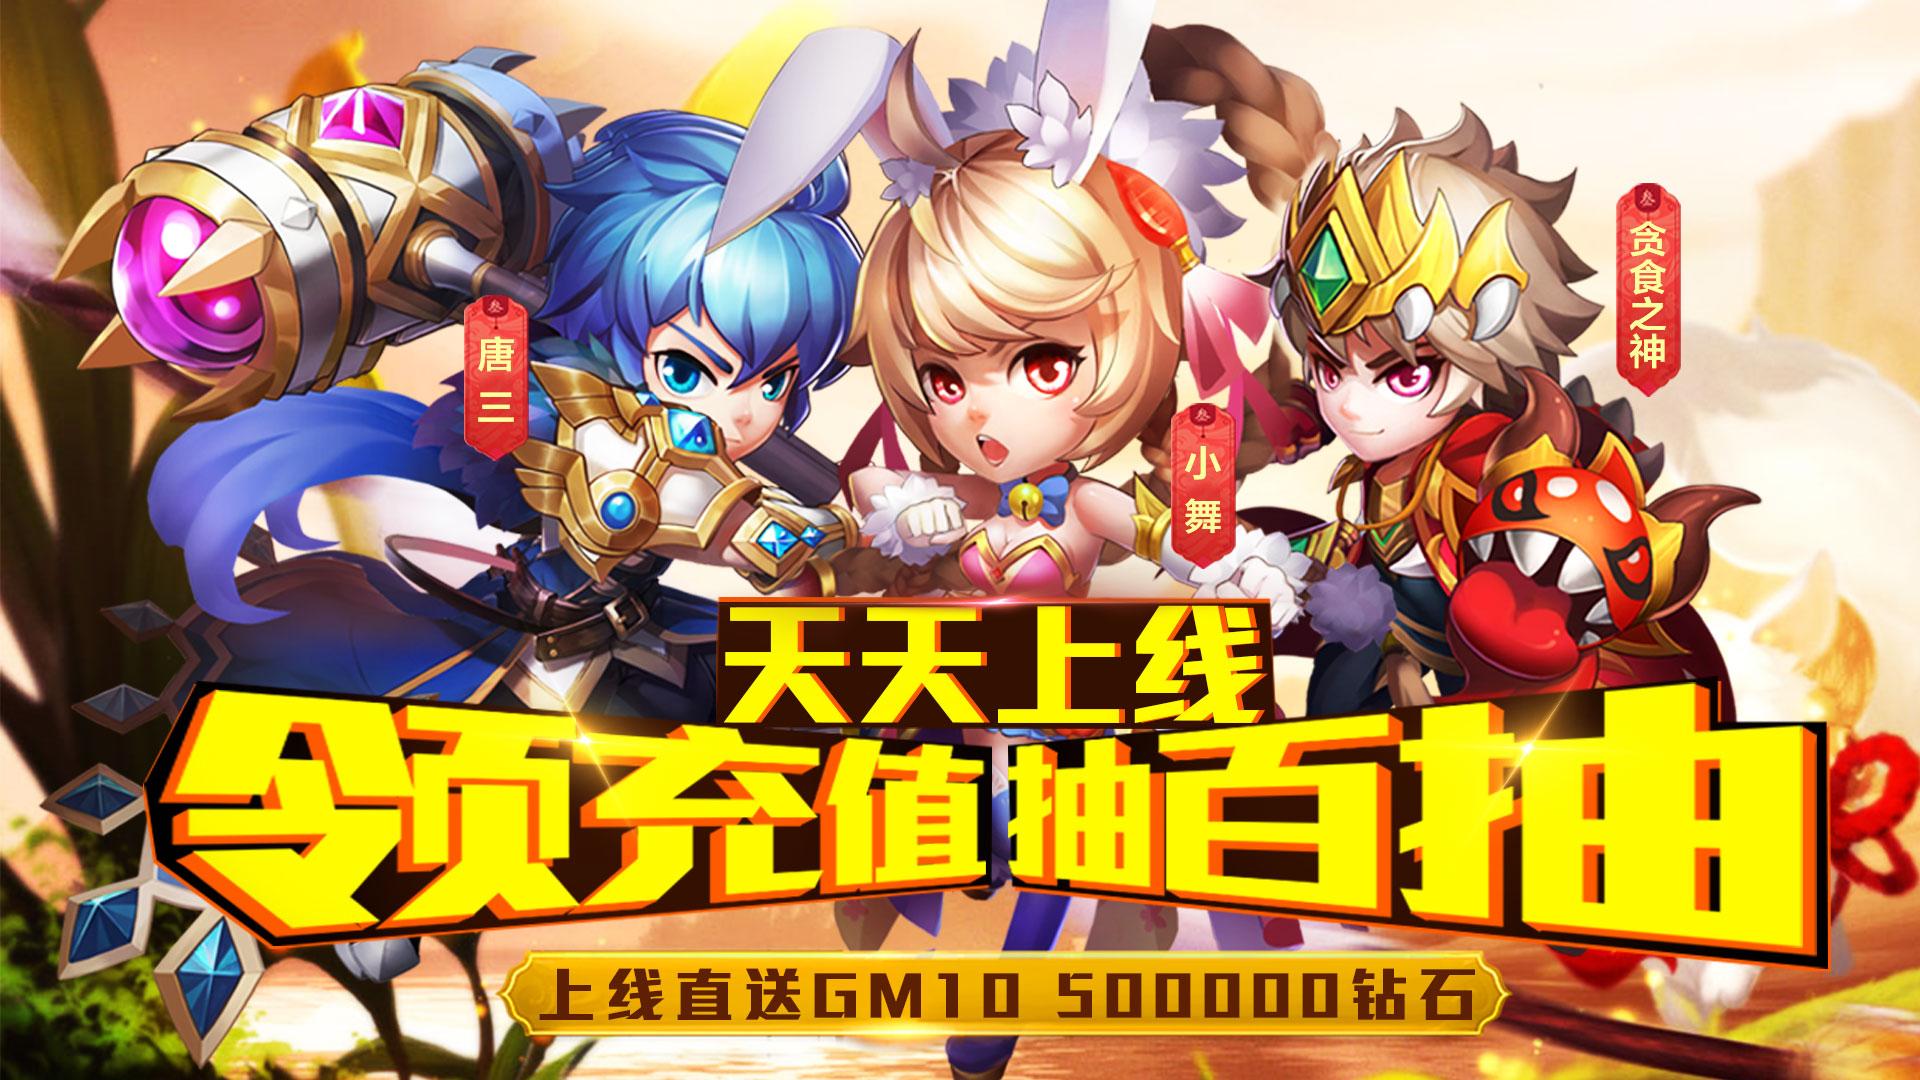 斗罗大陆神界传说Ⅱ变态版新手怎么玩-新手玩法攻略